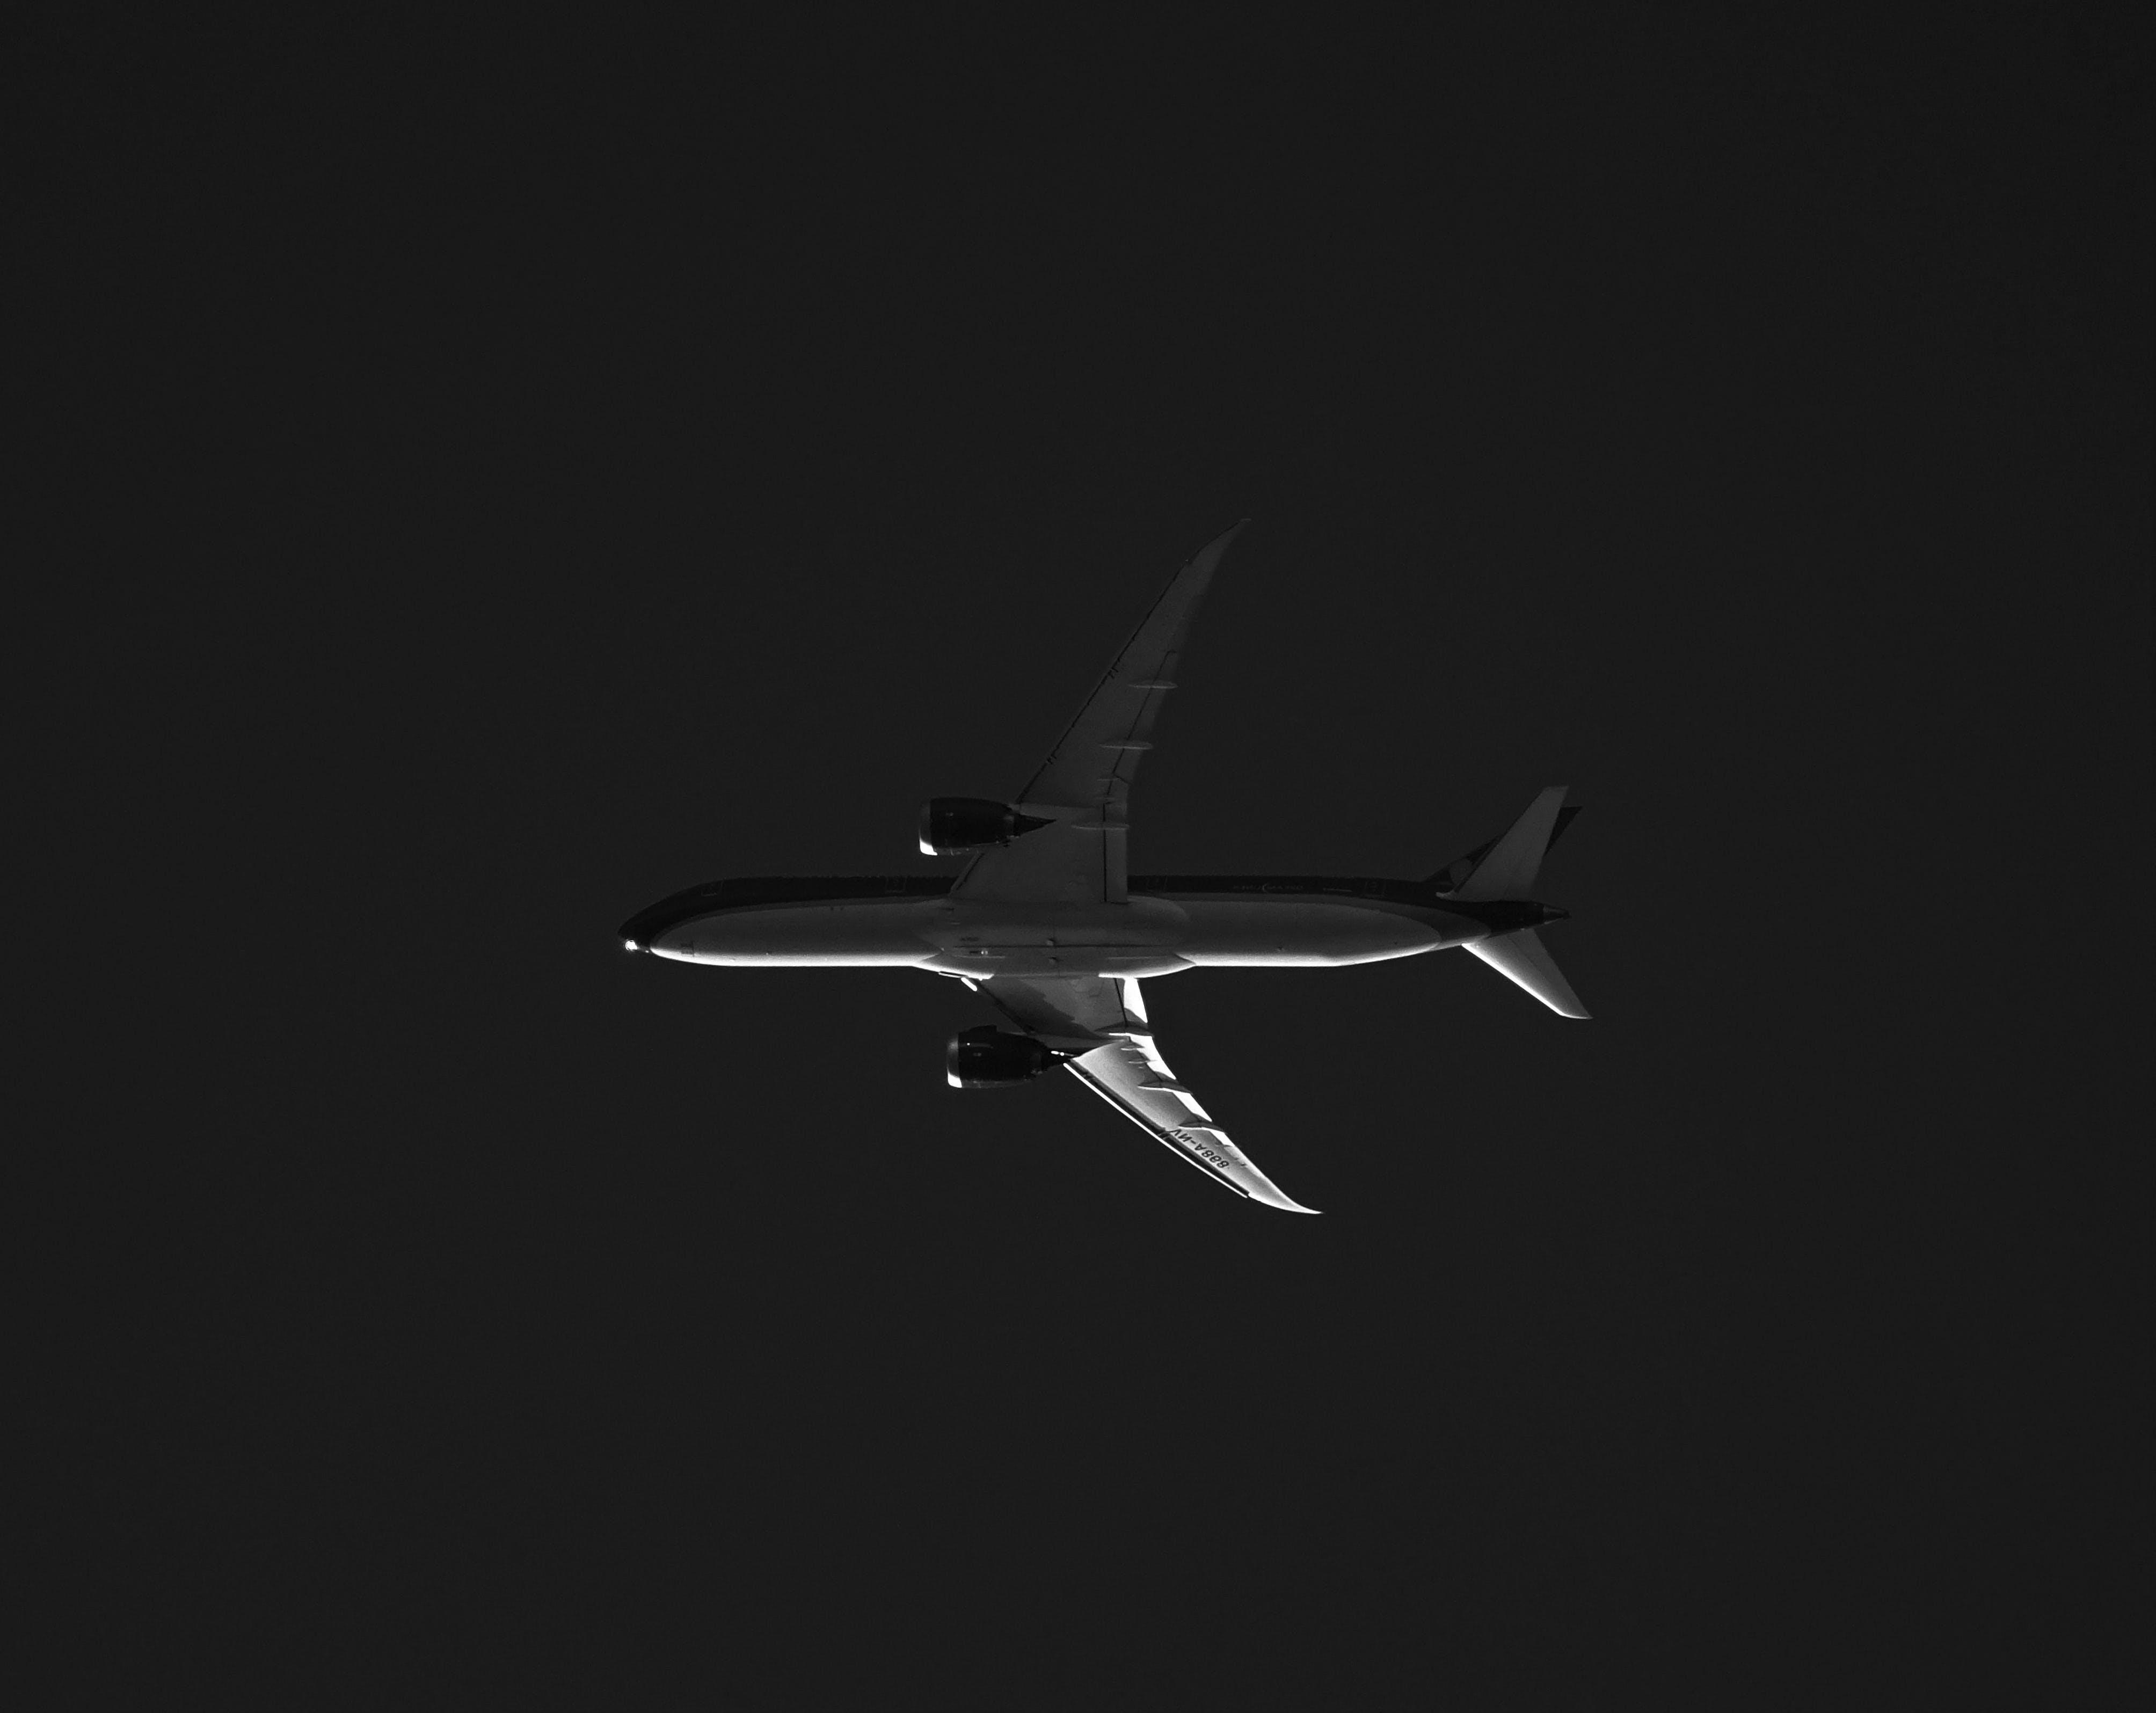 공기, 교통, 교통체계, 기술의 무료 스톡 사진